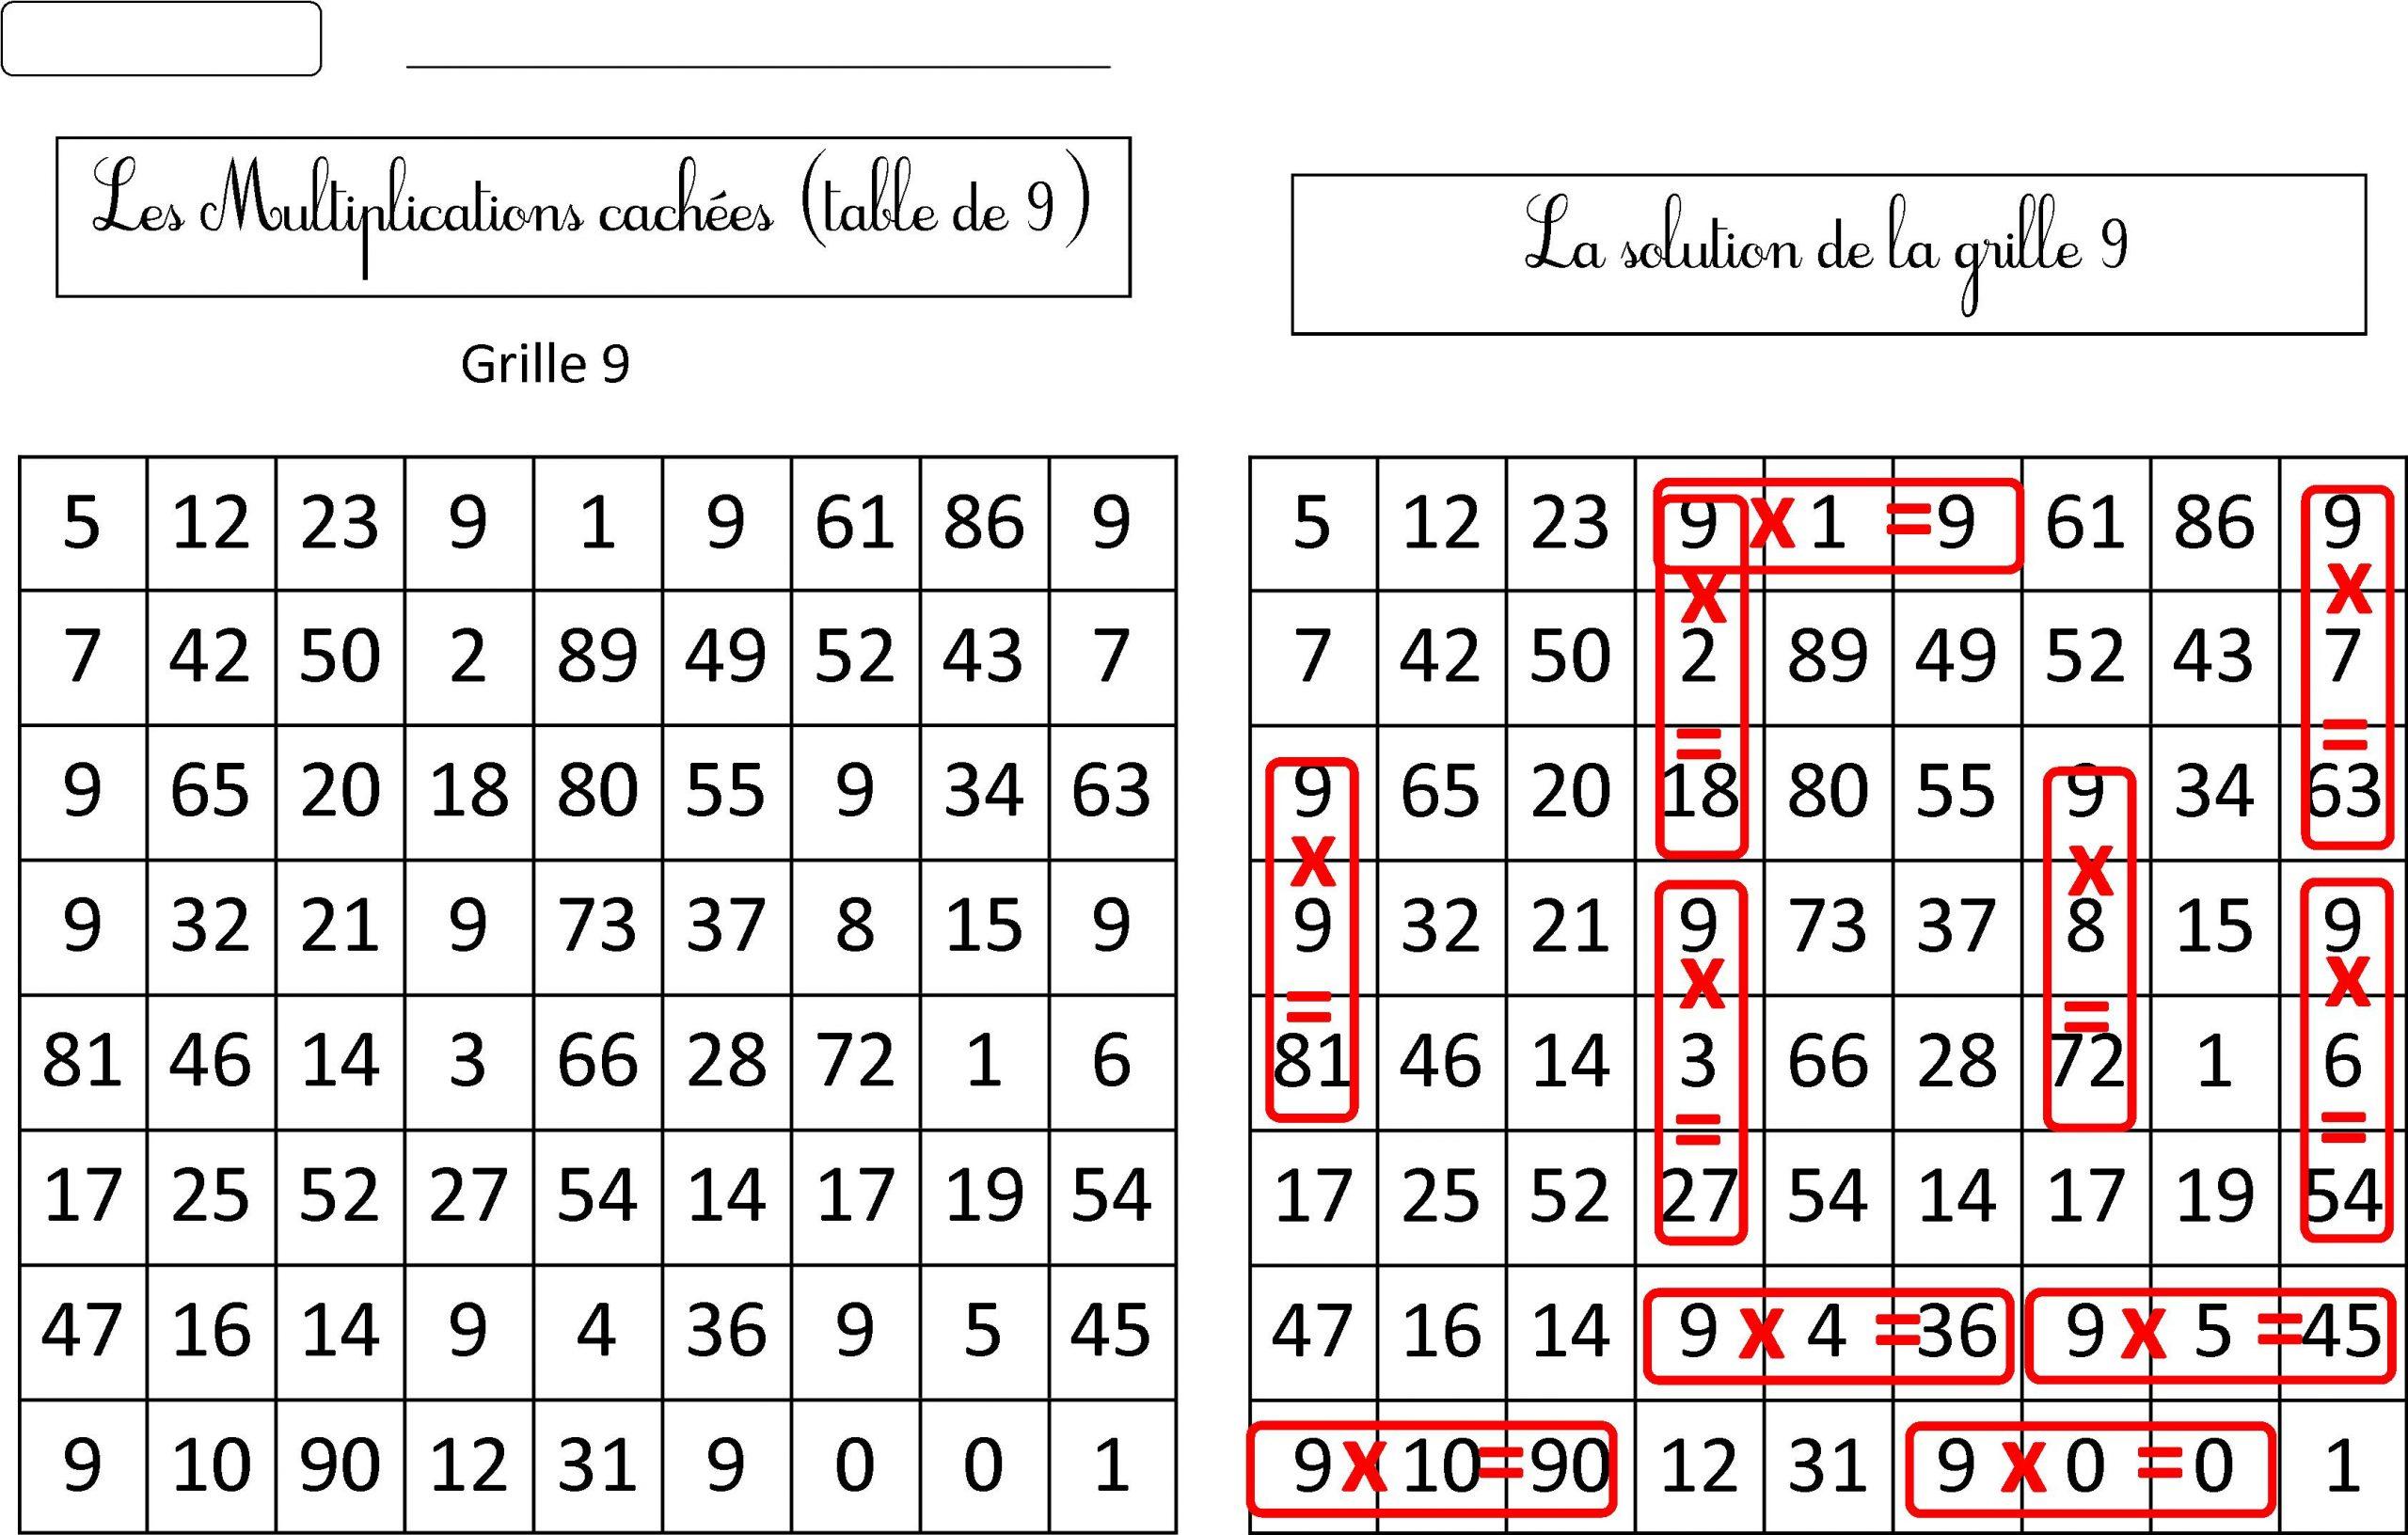 Travail Autonome | Le Blog De Monsieur Mathieu serapportantà Mots Croisés Gratuits À Imprimer Cycle 3